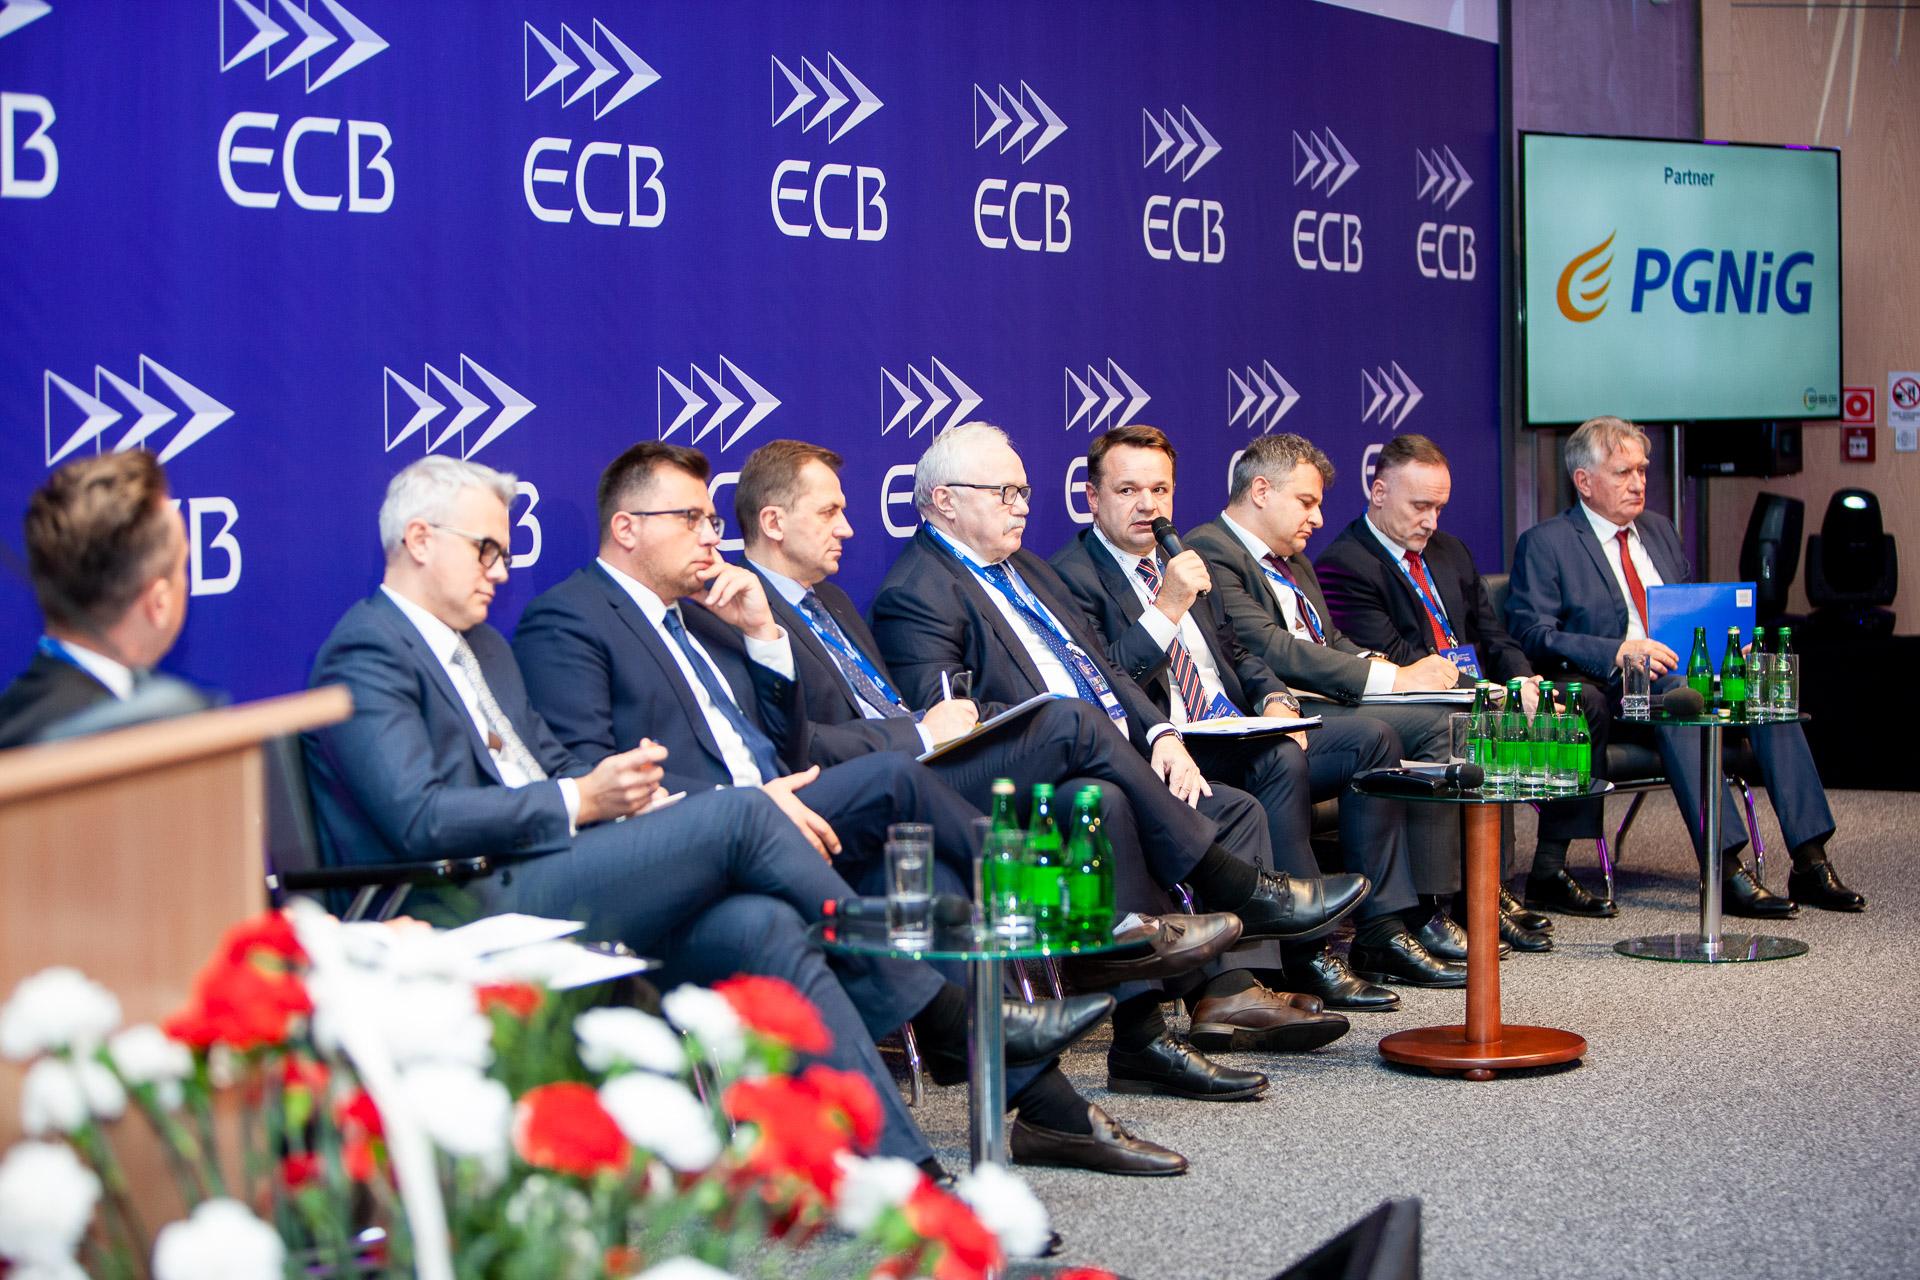 V edycja Ogólnopolskiego Szczytu Gospodarczego OSG 2019 (2)